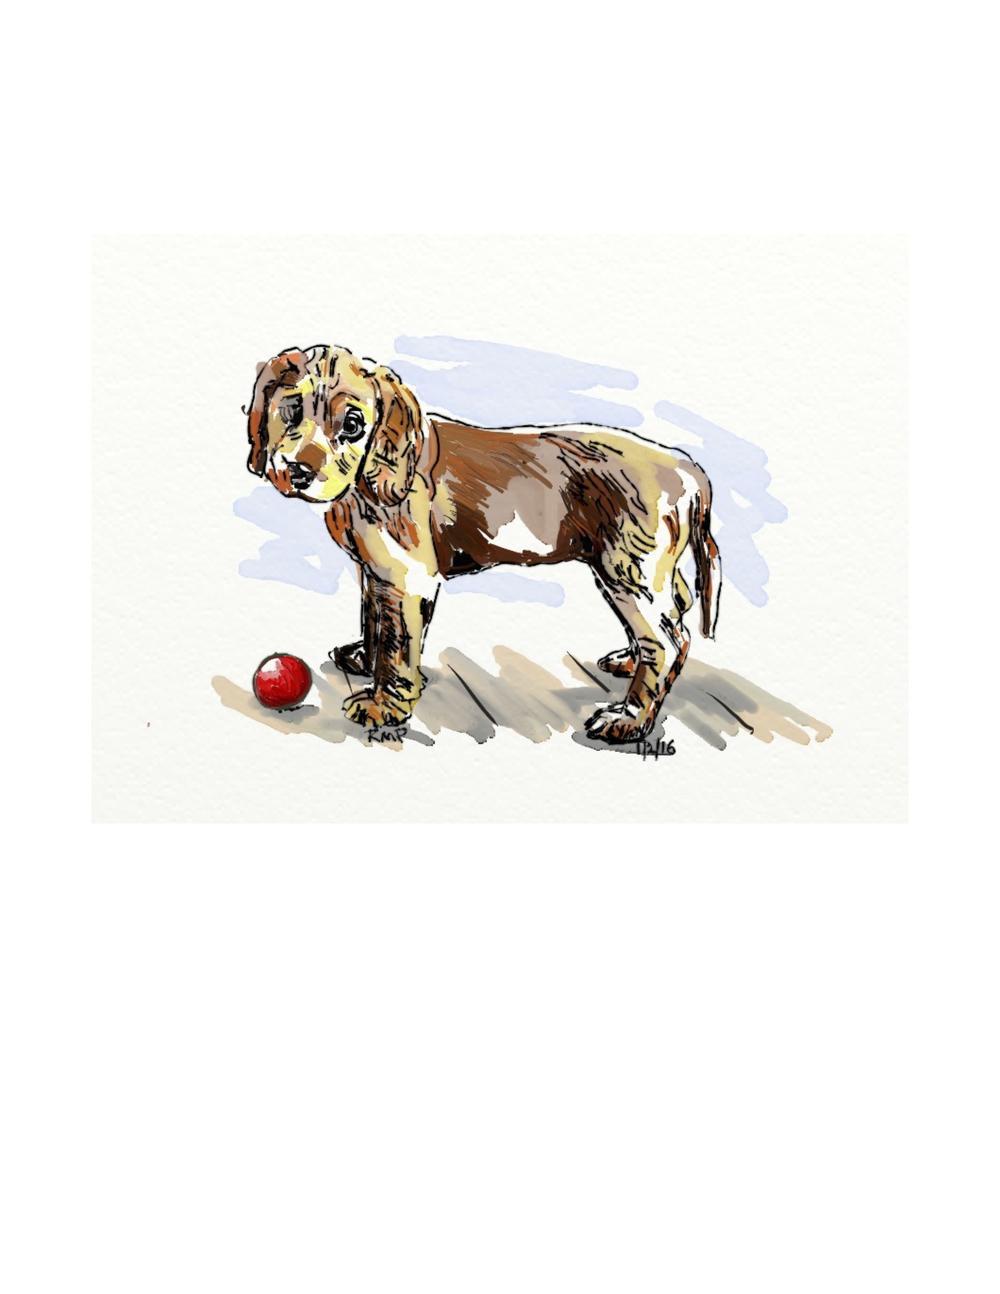 Doggy-Style.jpg